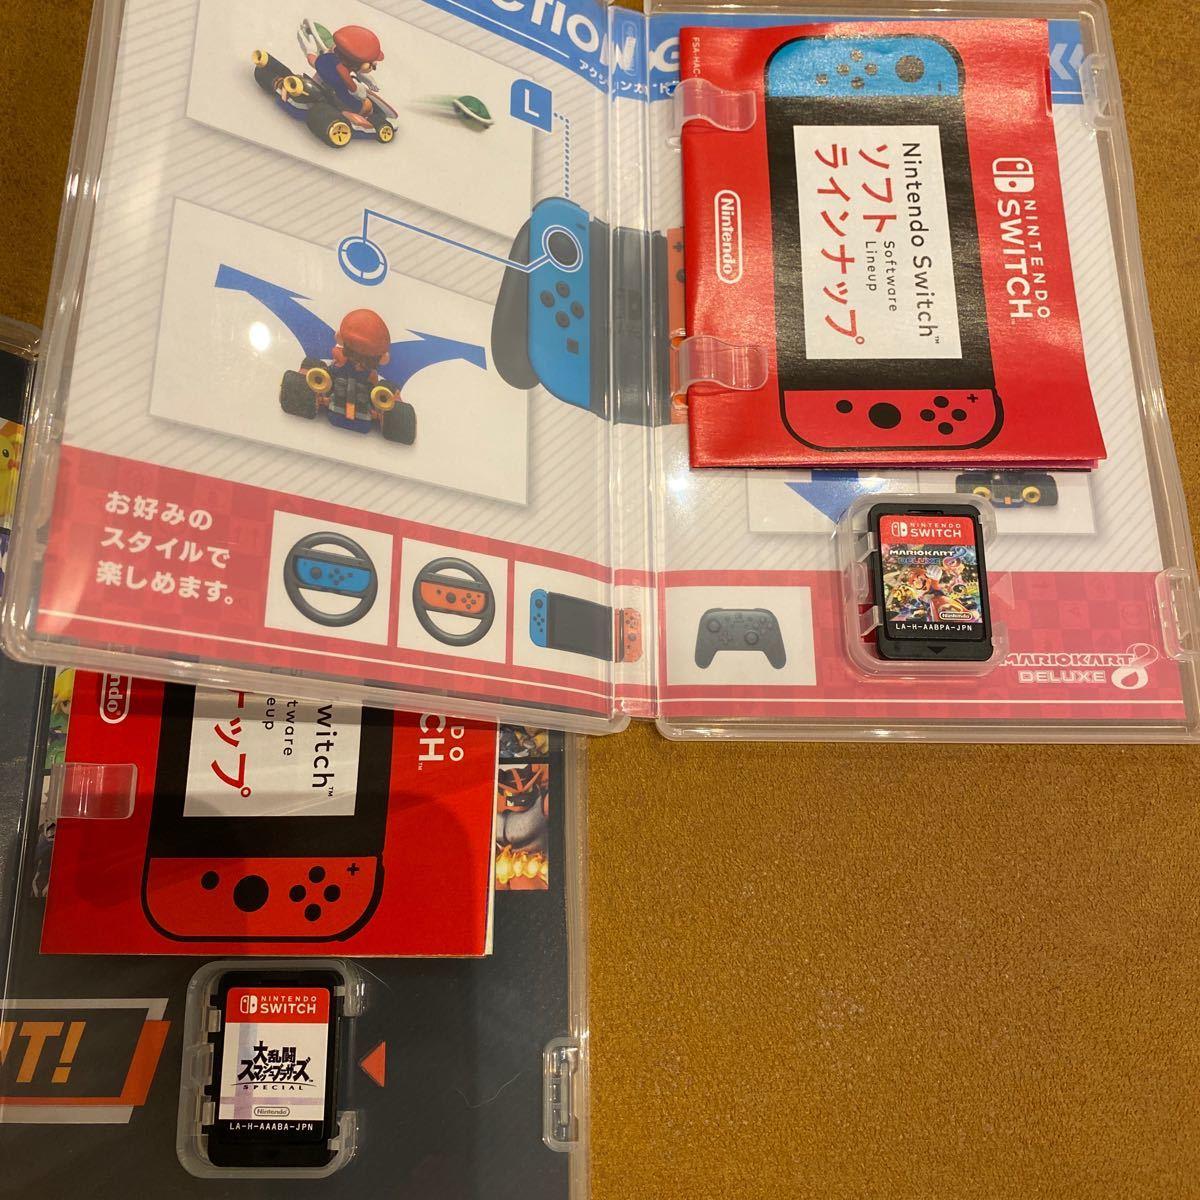 大乱闘スマッシュブラザーズSPECIAL Nintendo Switch マリオカート8デラックス ソフトセット